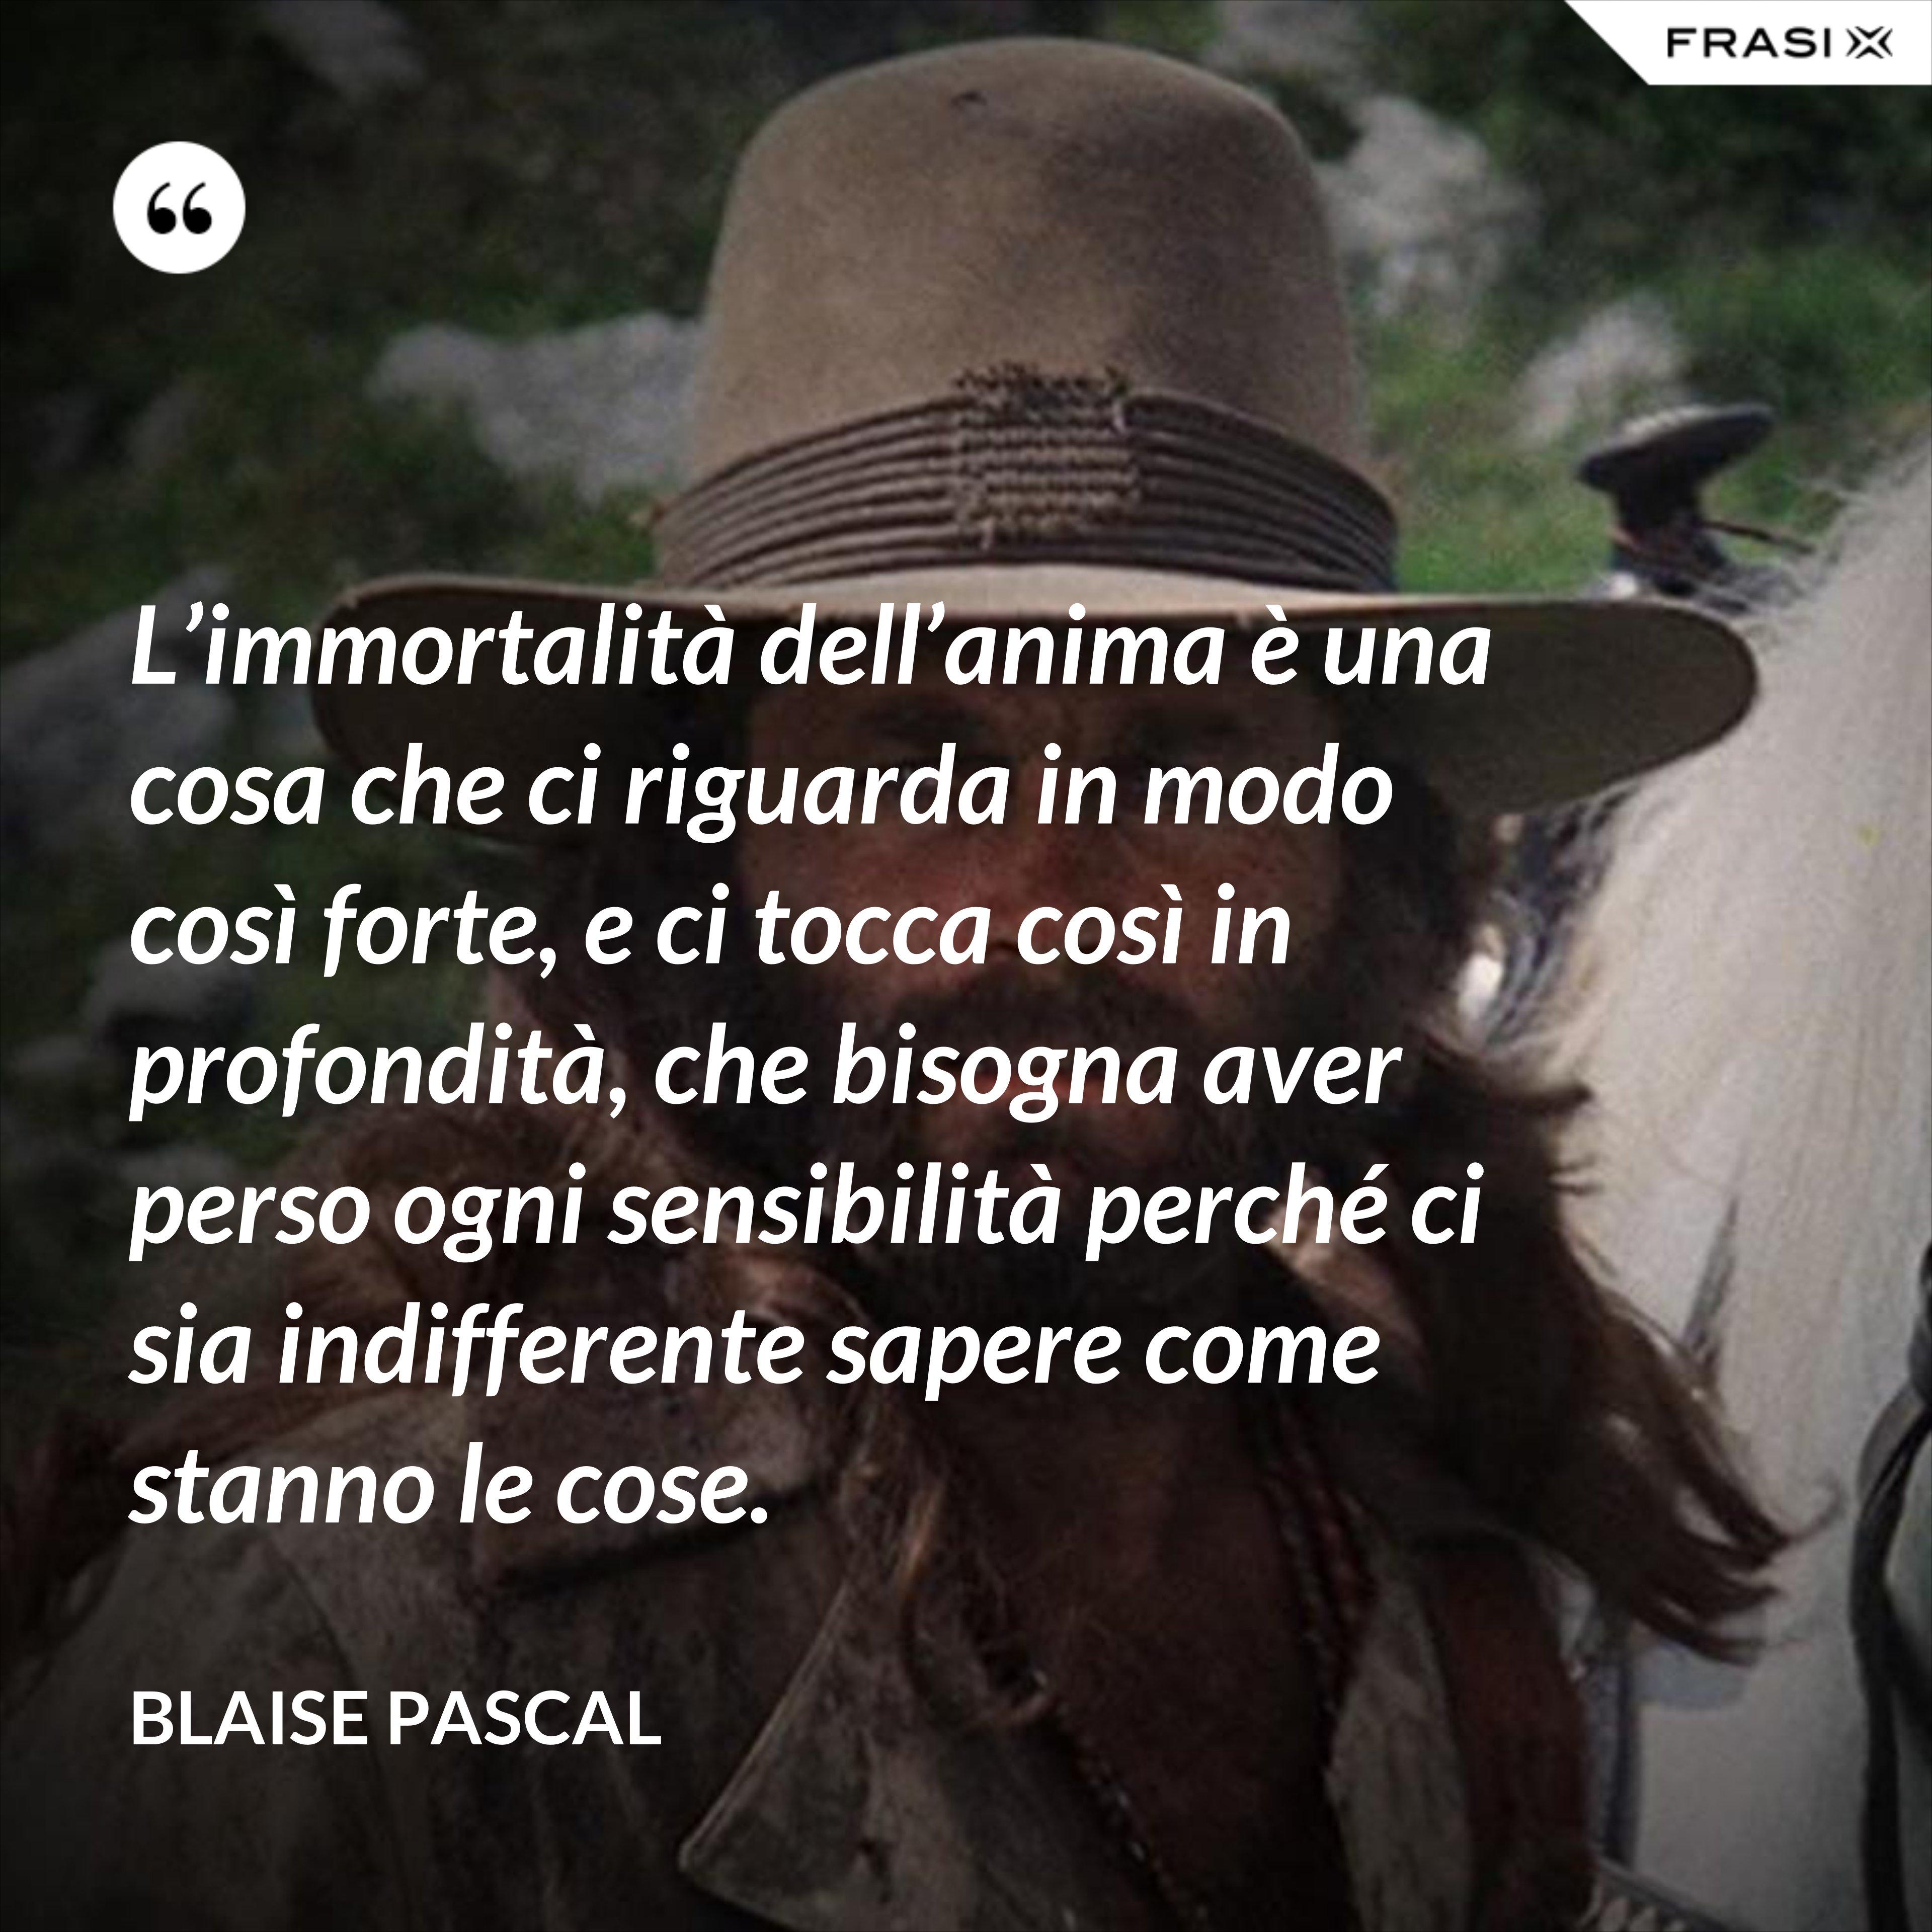 L'immortalità dell'anima è una cosa che ci riguarda in modo così forte, e ci tocca così in profondità, che bisogna aver perso ogni sensibilità perché ci sia indifferente sapere come stanno le cose. - Blaise Pascal